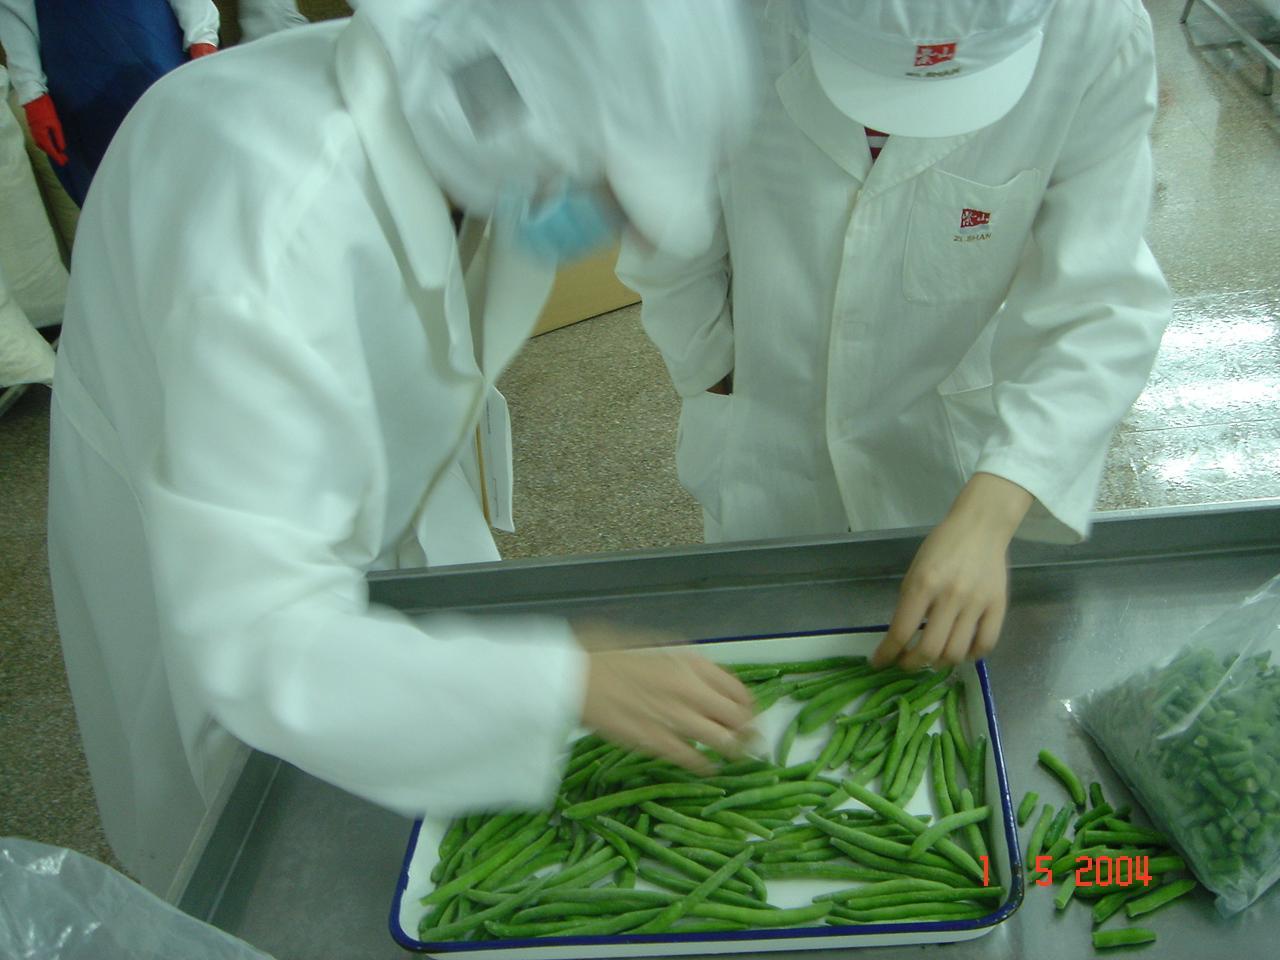 冷凍青刀豆,速凍青刀豆 8